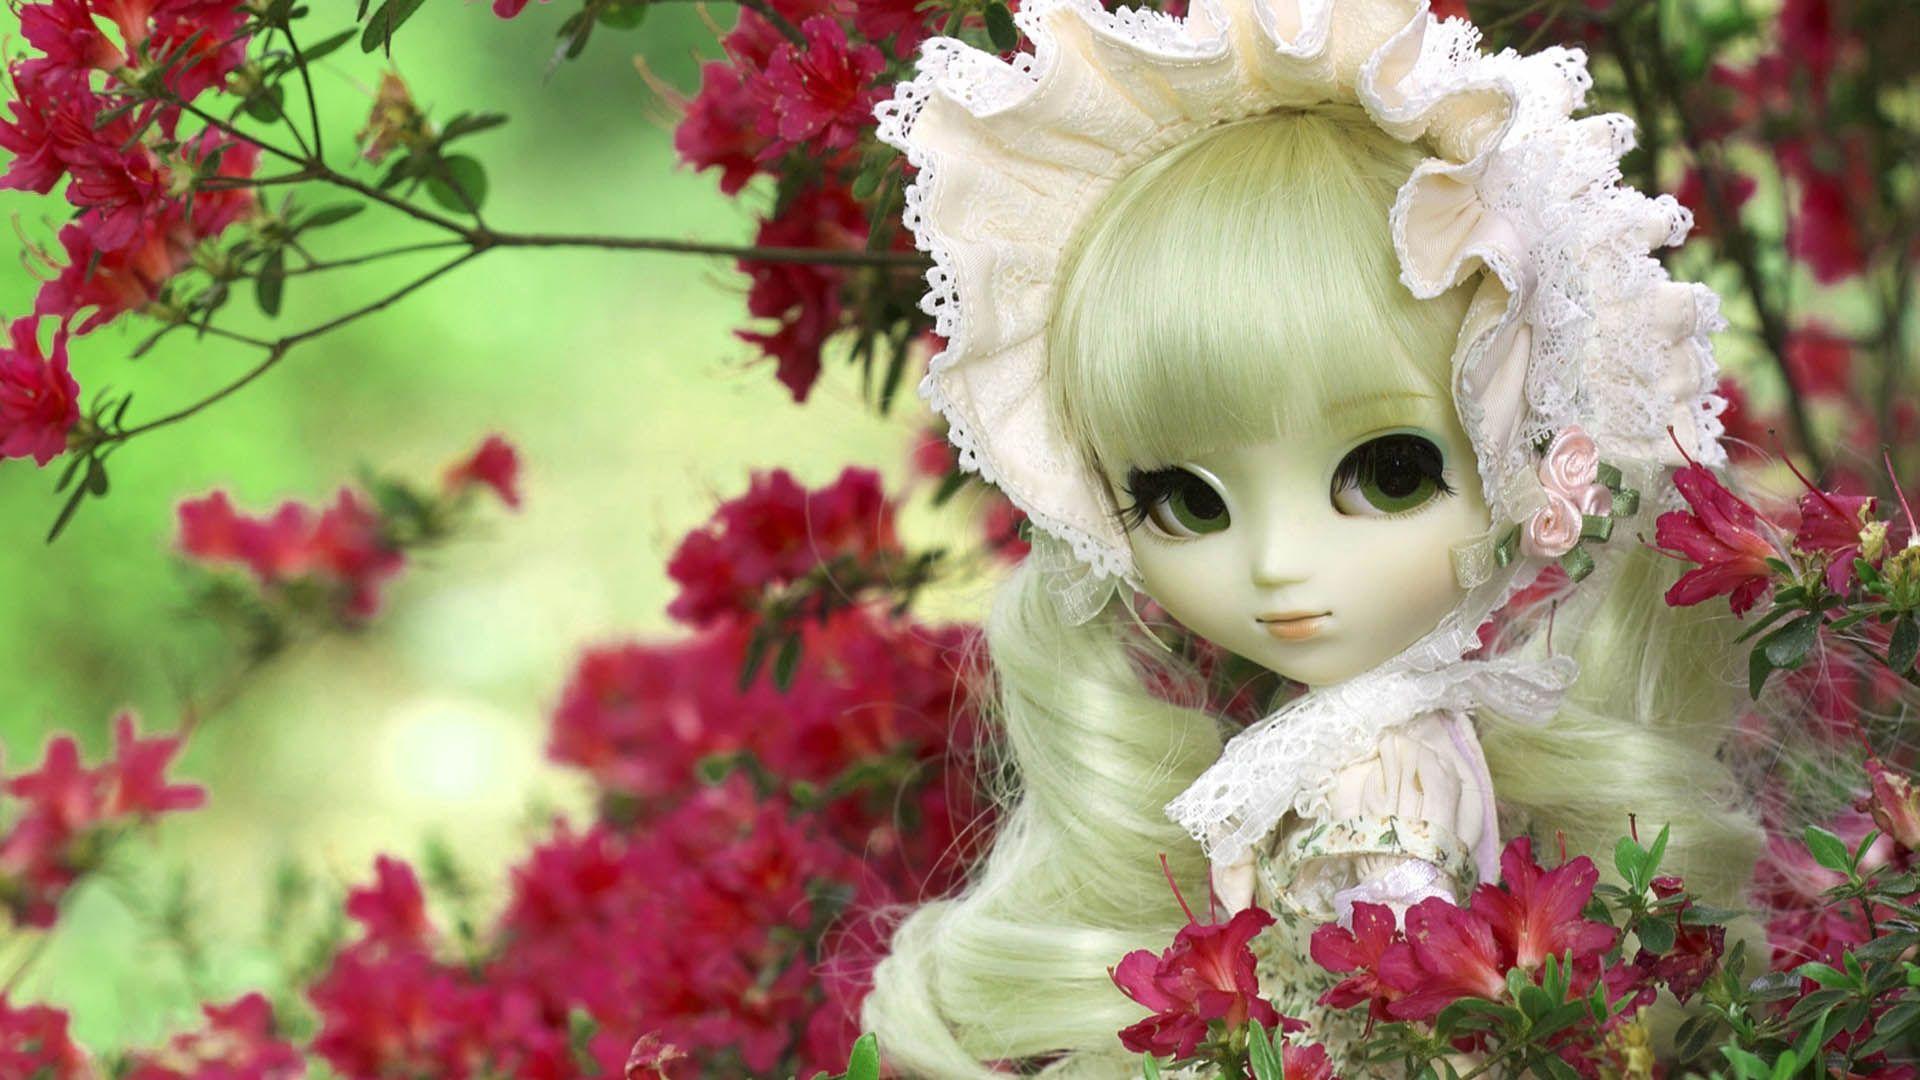 Cute Dolls, Dolls